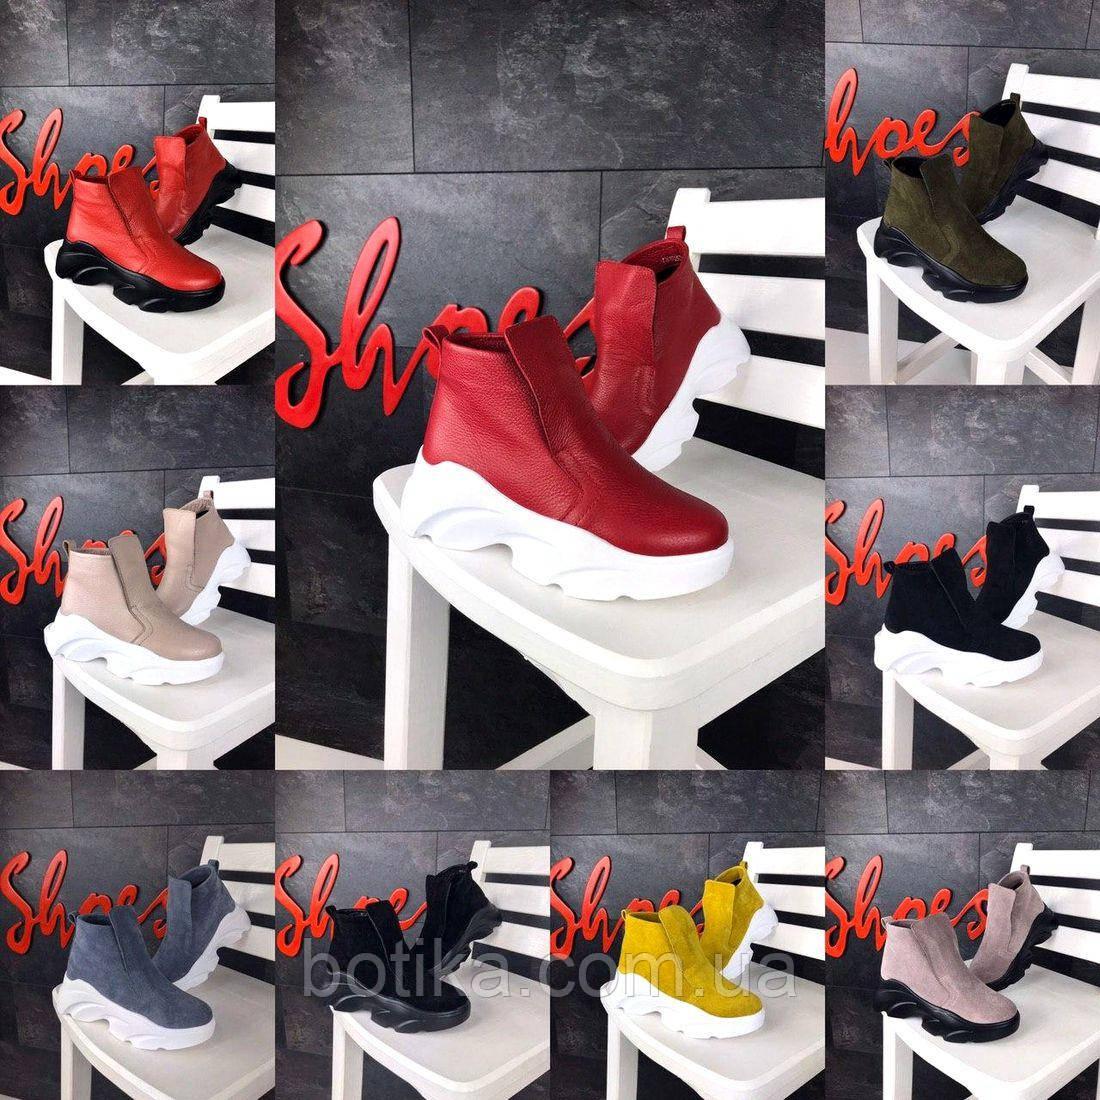 18 моделек! Замш и кожа! Стильные демисезонные ботинки женские натуральные